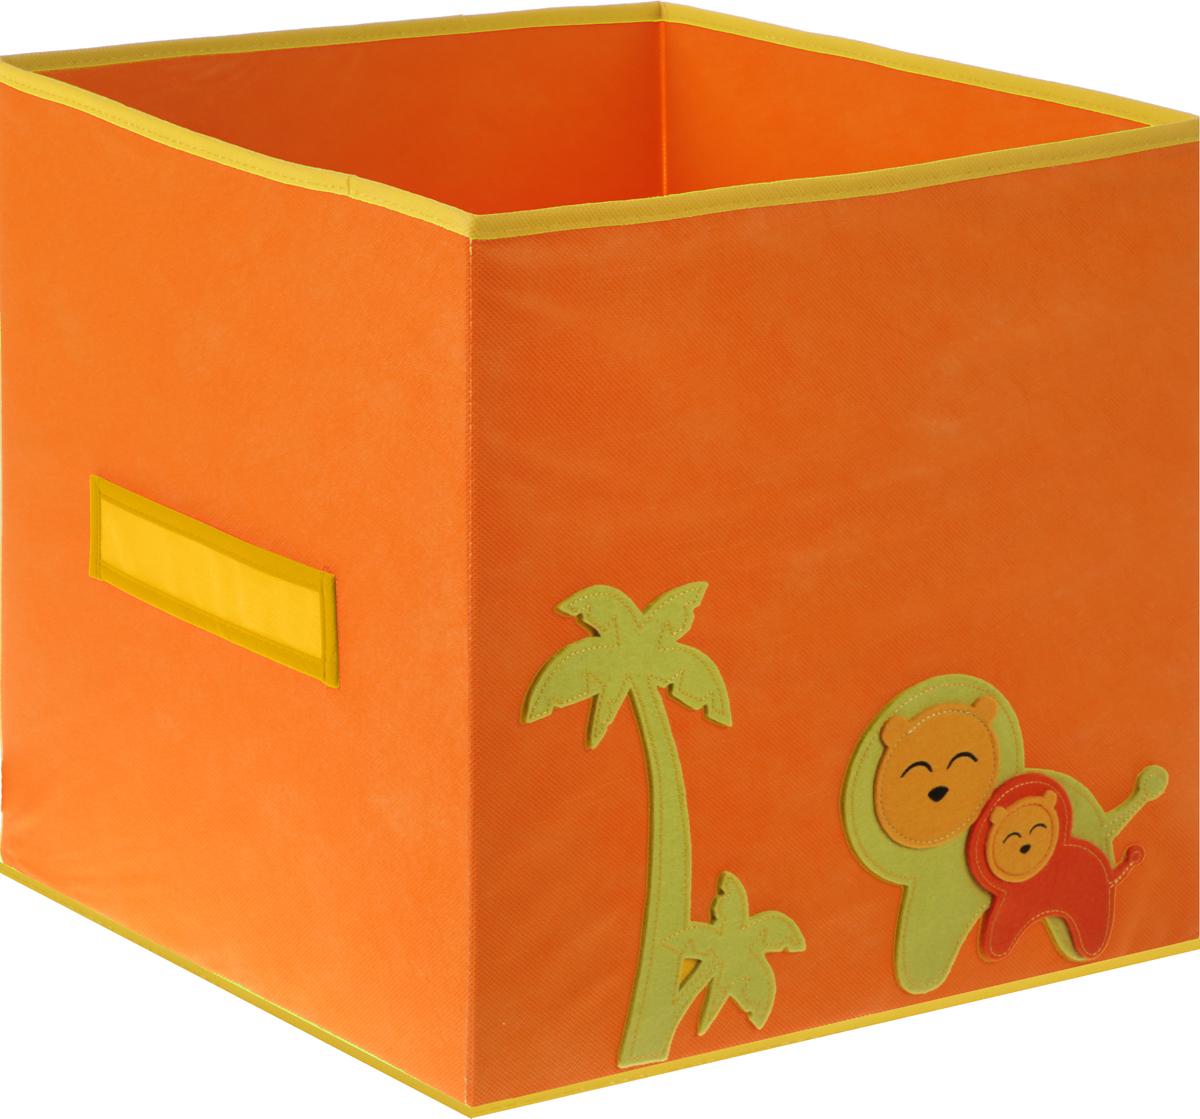 Коробка для игрушек Все на местах Sunny Jungle, цвет: оранжевый, желтый, 40 х 40 х 40 см1071032_желтый с рисункомКоробка для хранения игрушек Все на местах Sunny Jungle выполнена из высококачественного нетканого материала (спанбонда), который обеспечивает естественную вентиляцию, позволяя воздуху проникать внутрь, но не пропускает пыль. Вставки из ПВХ хорошо держат форму.Такая коробка легко разбирается и собирается, она поможет удобно хранить игрушки.Размер коробки: 40 см х 40 см х 40 см.